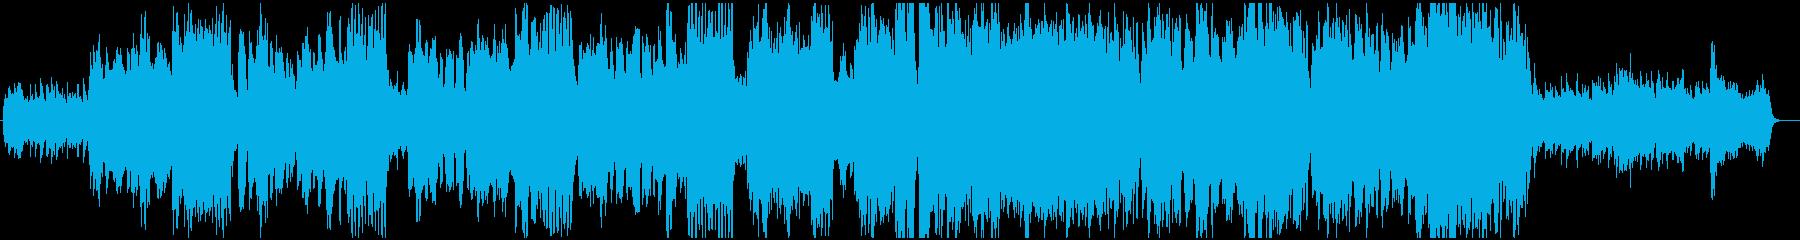 落ち着いたのどかな雰囲気のBGMの再生済みの波形